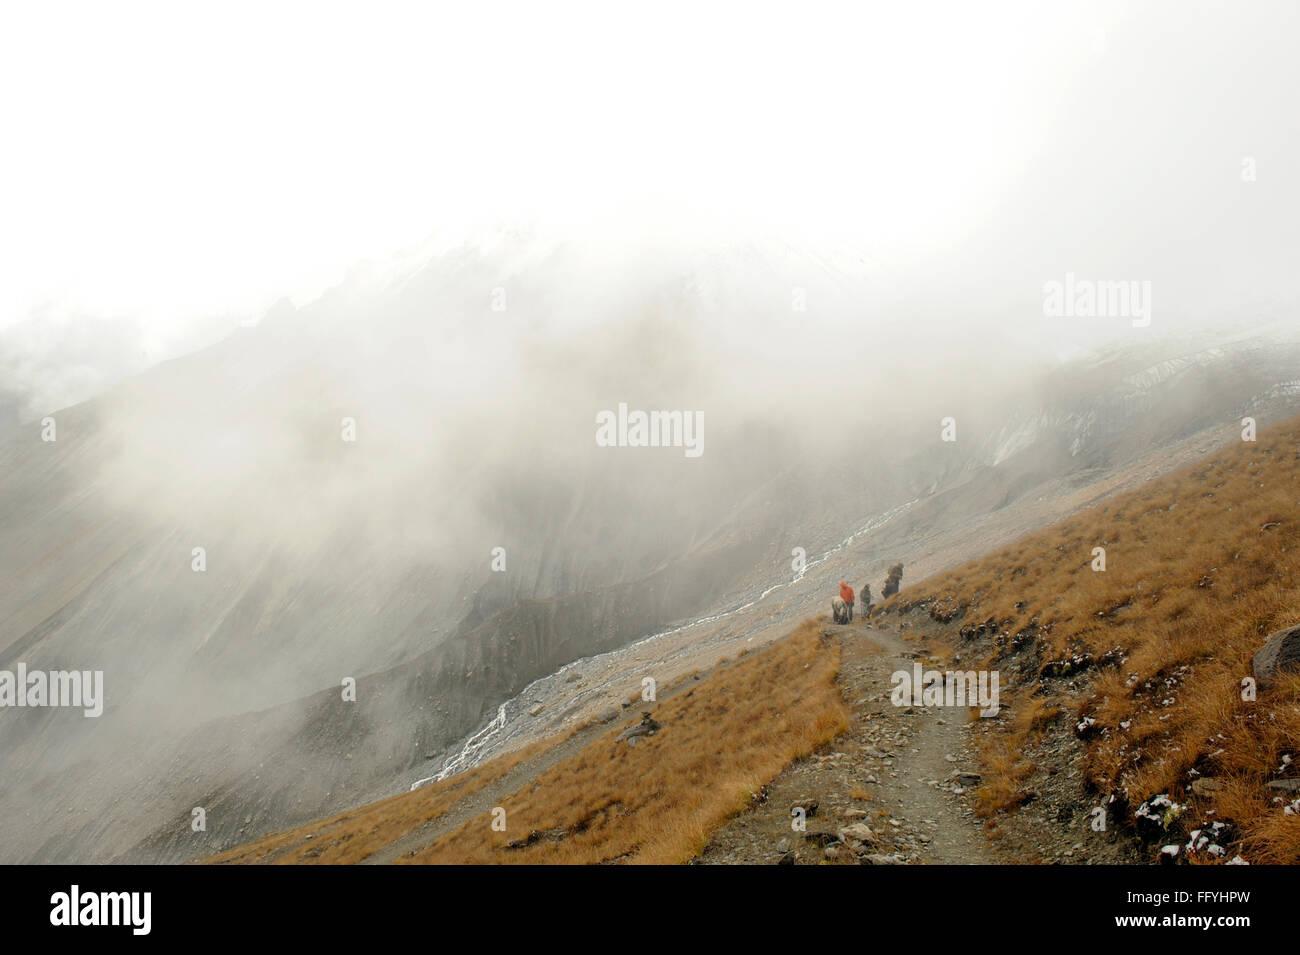 Trekker way to Thilicho ; Nepal - Stock Image